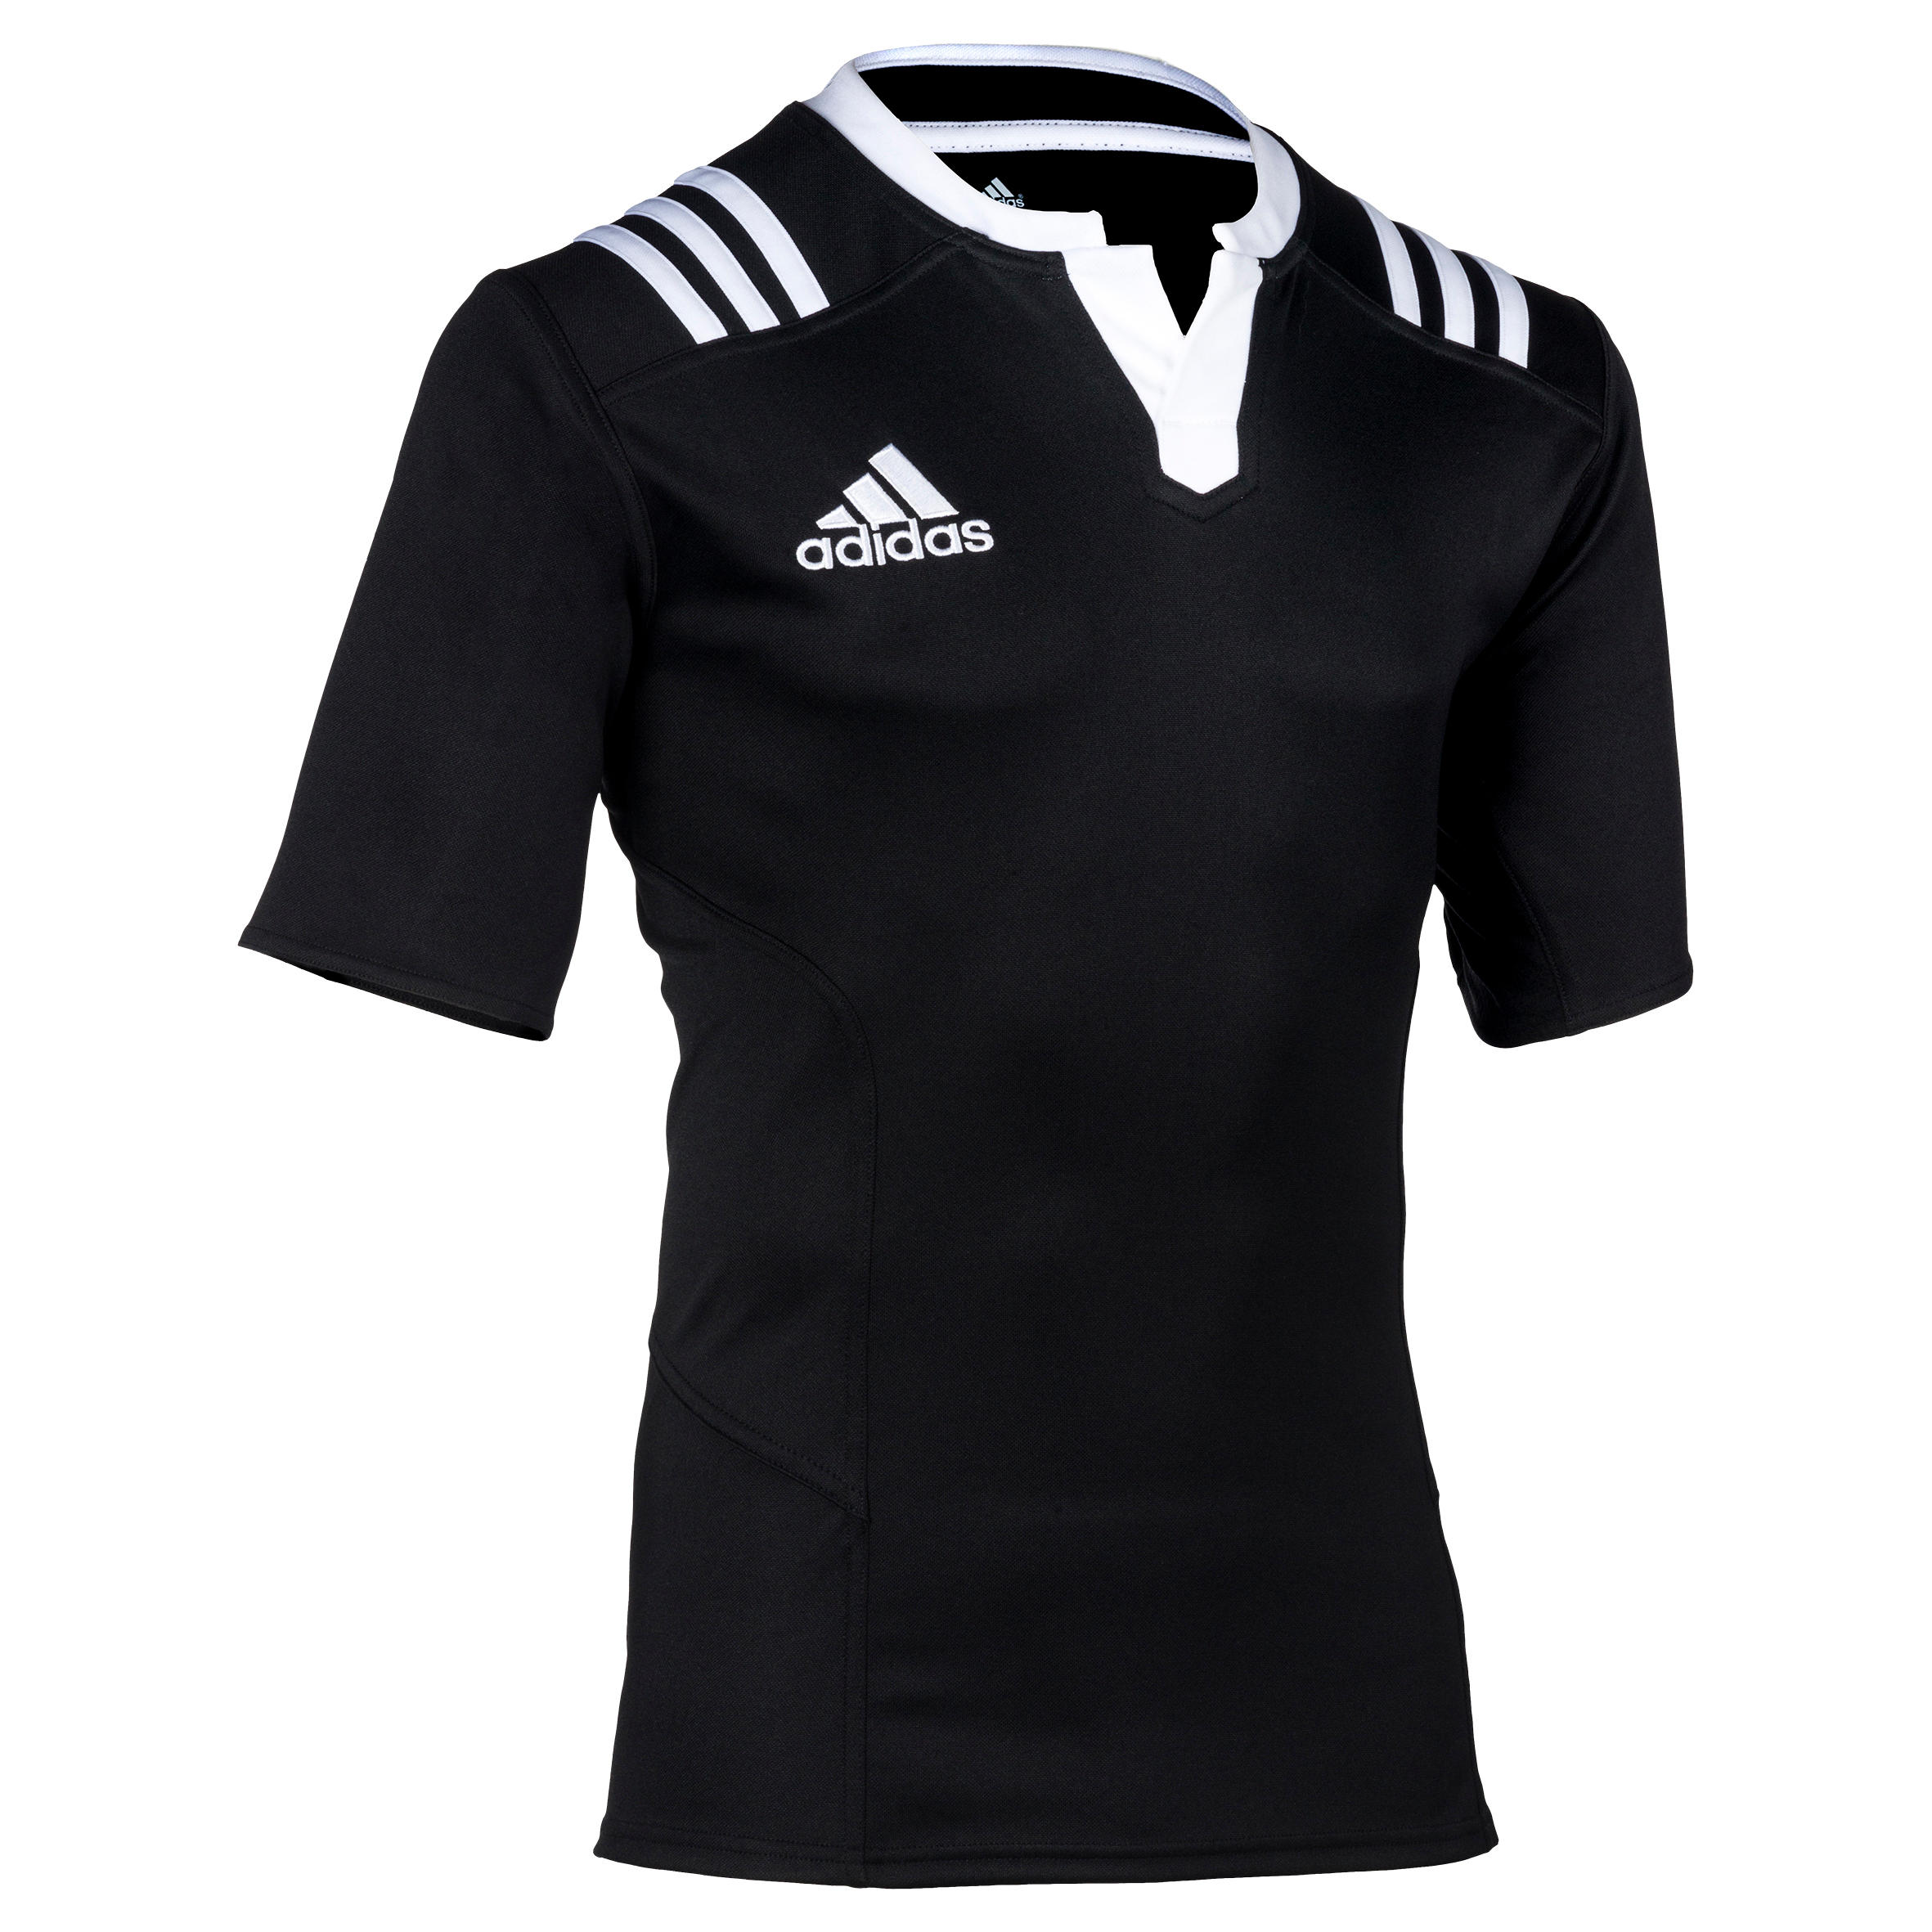 Adidas Rugbyshirt voor volwassenen Adidas 3S zwart wit